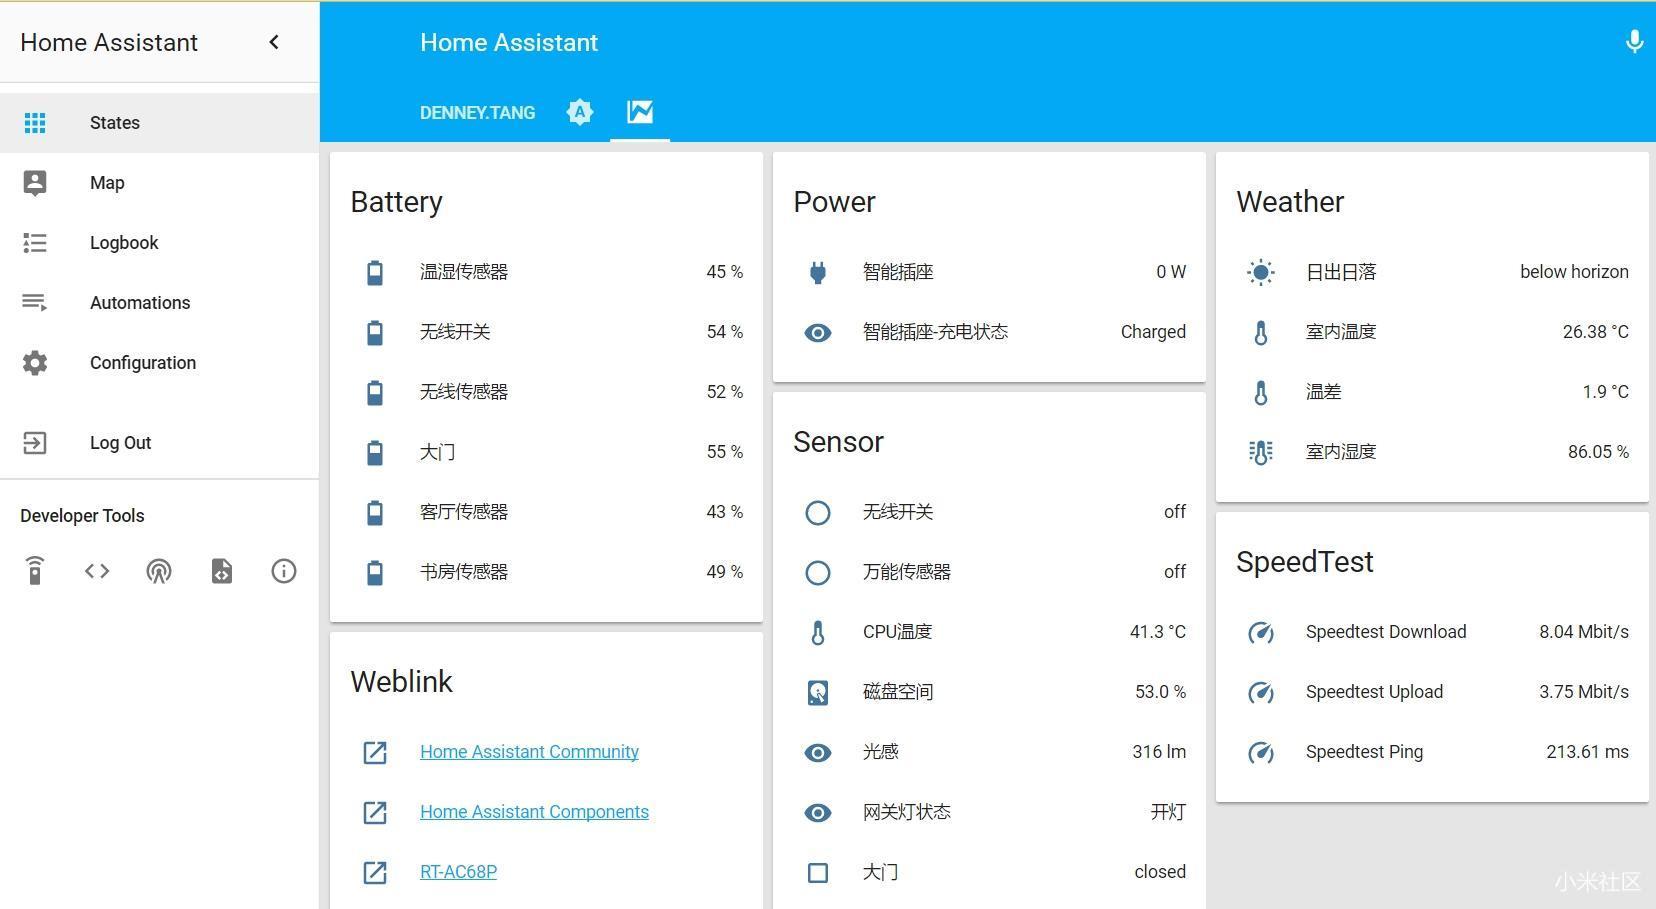 智能插座基础版能否接入Home Assistant智能平台?